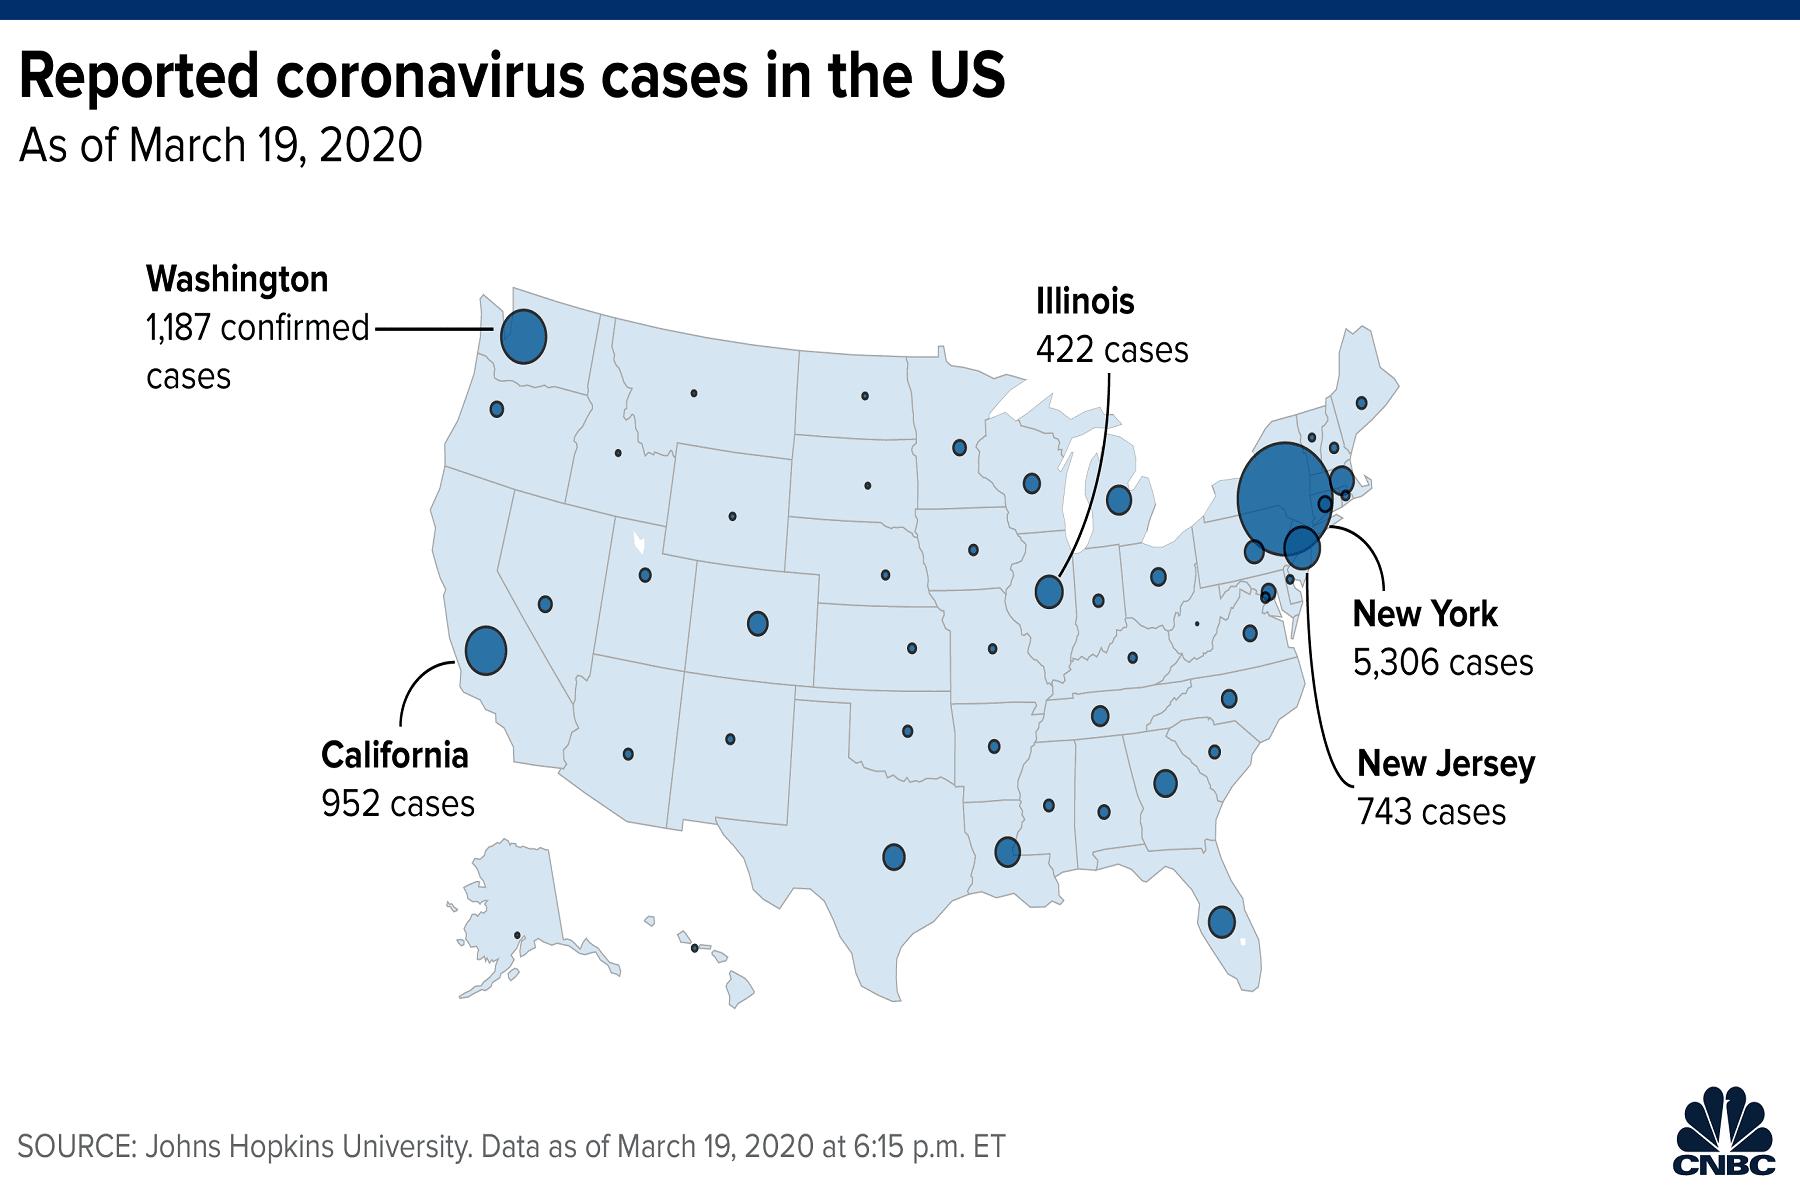 Καλιφόρνια ΗΠΑ: Μια κομητεία μειώνει τον αριθμό των θανάτων COVID-19 κατά 25%